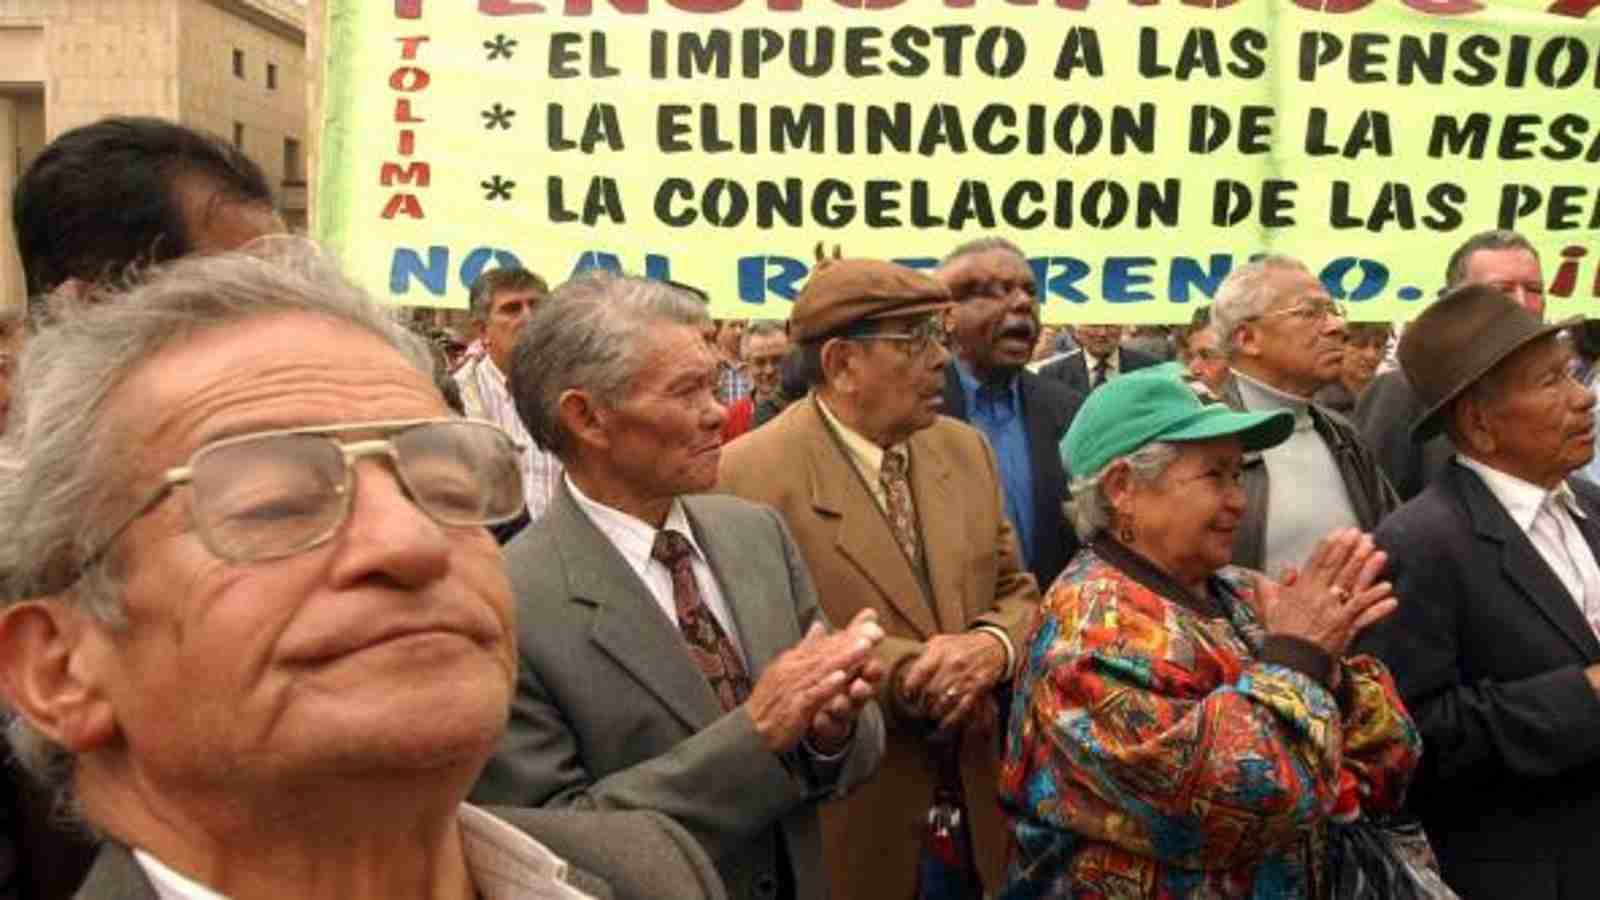 Resultado de imagen para reforma pensional